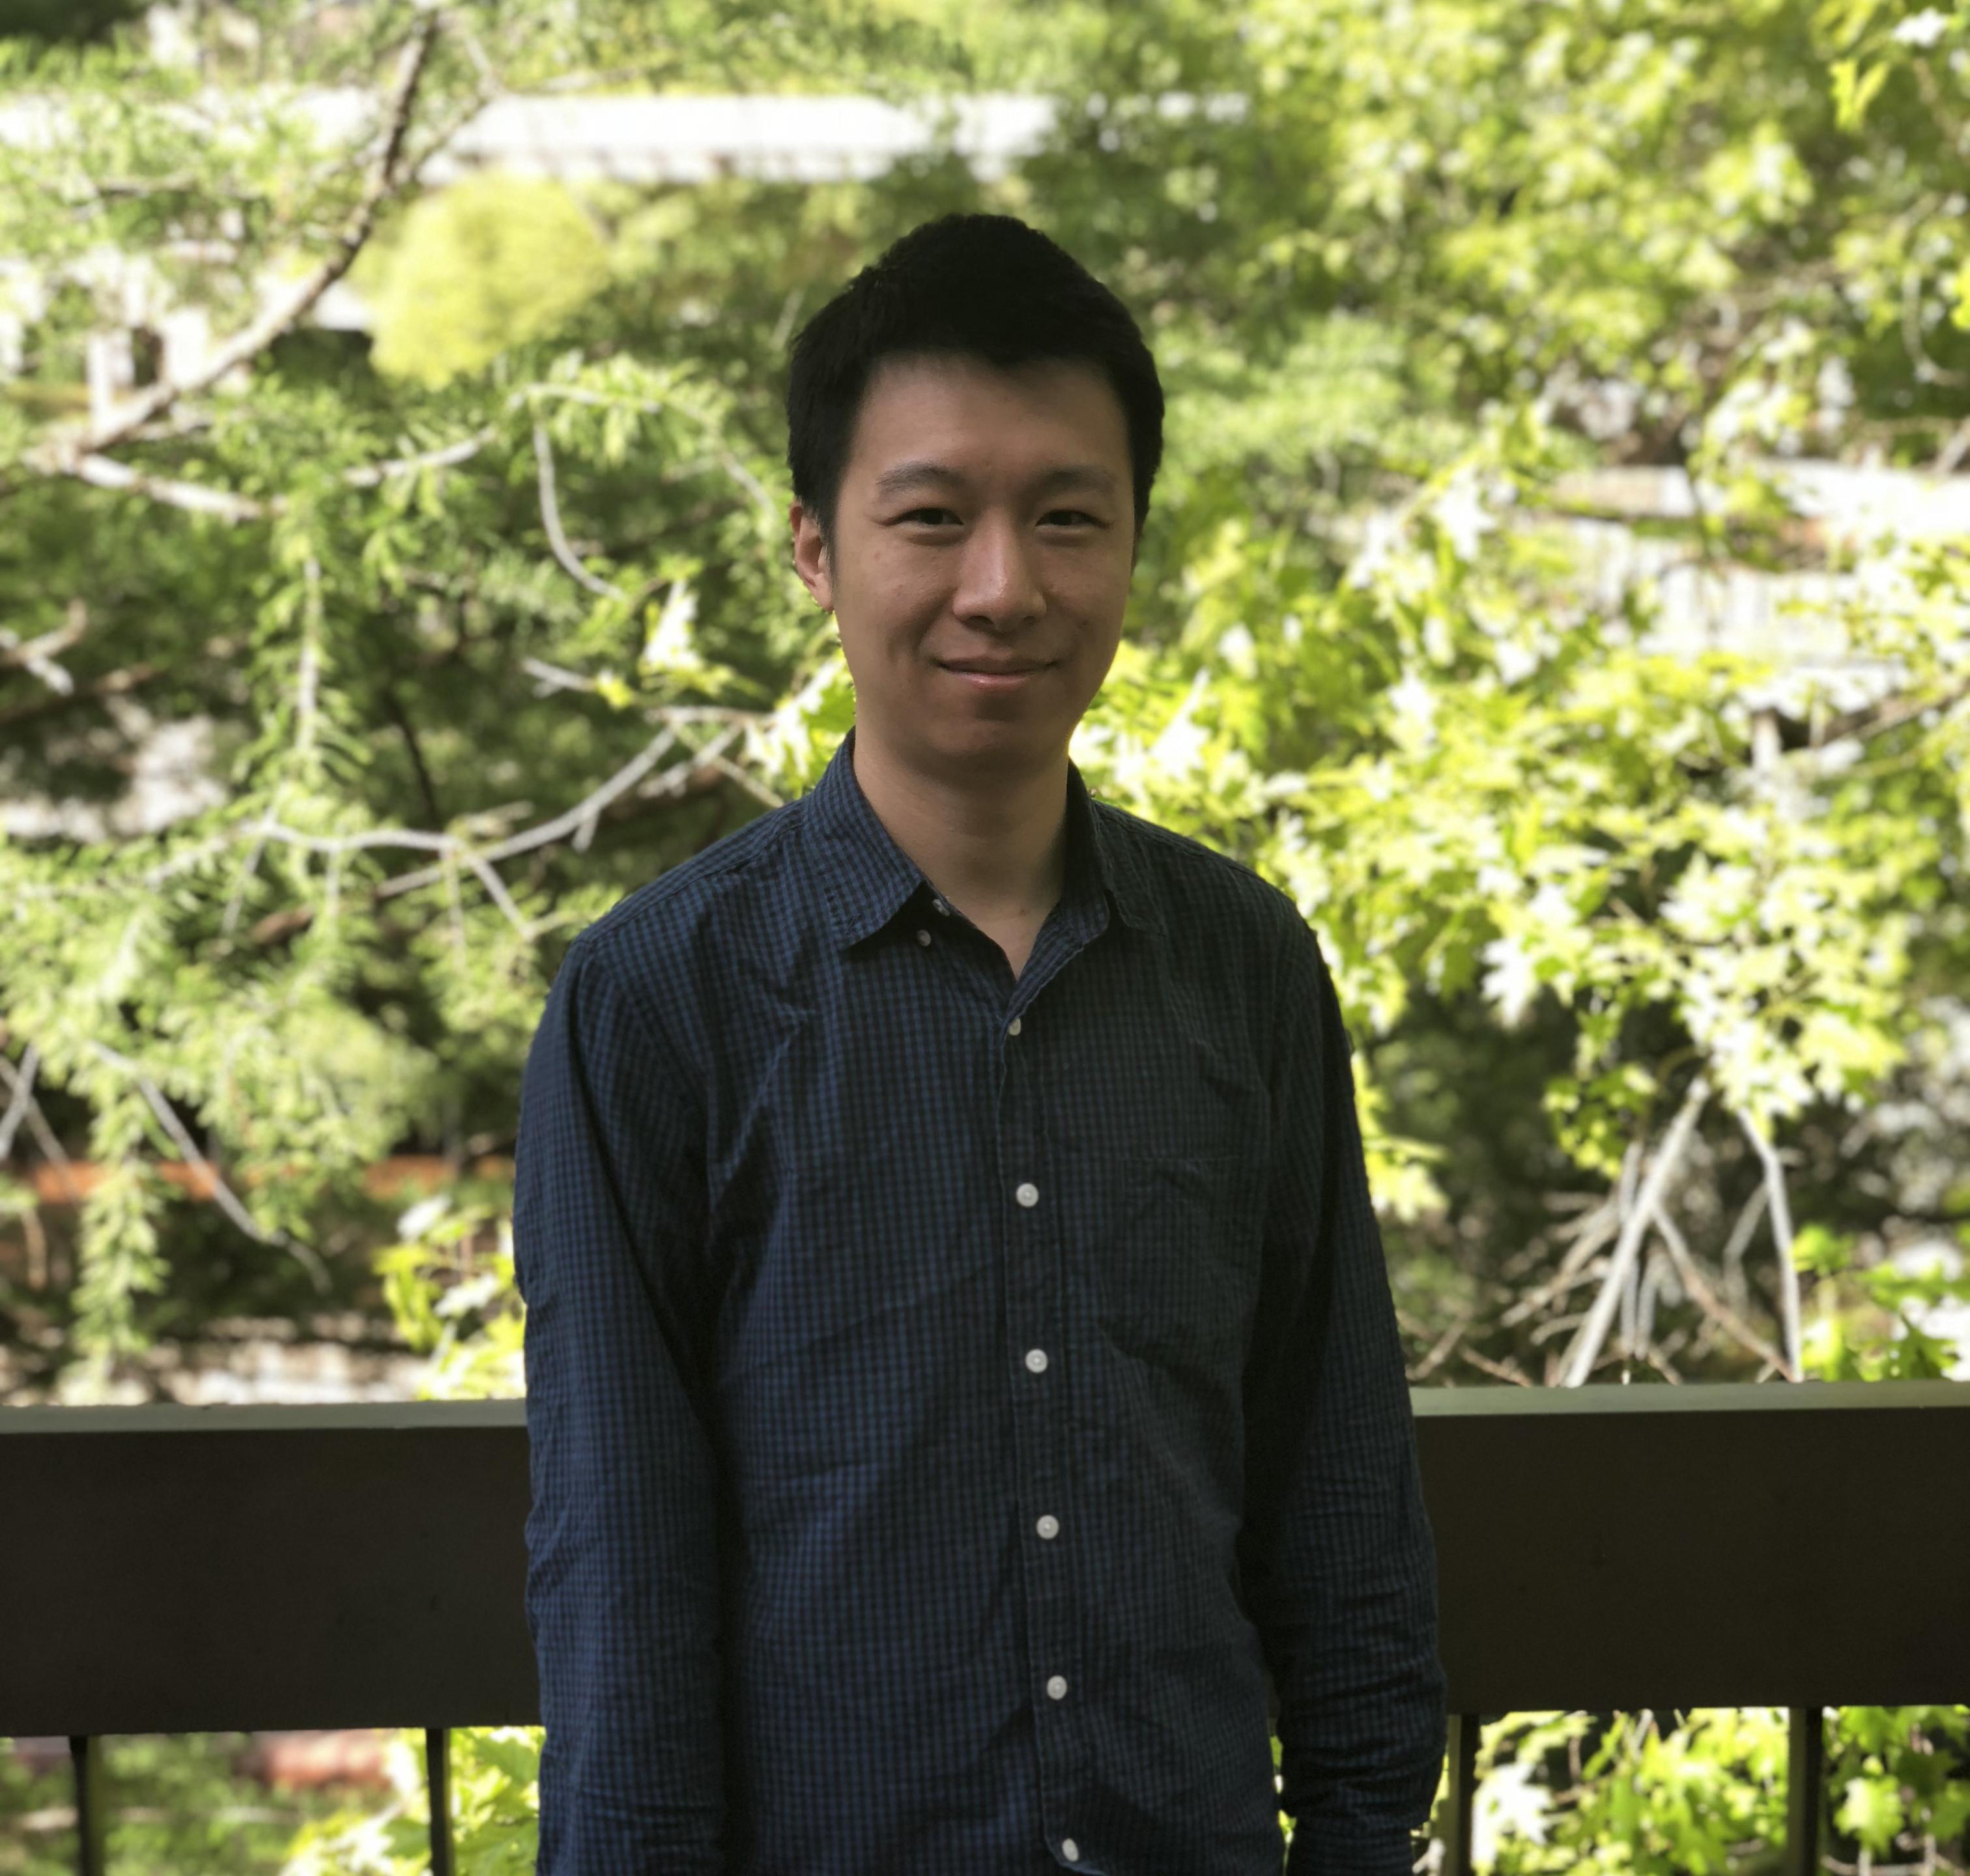 Mengle Shao Ph.D.